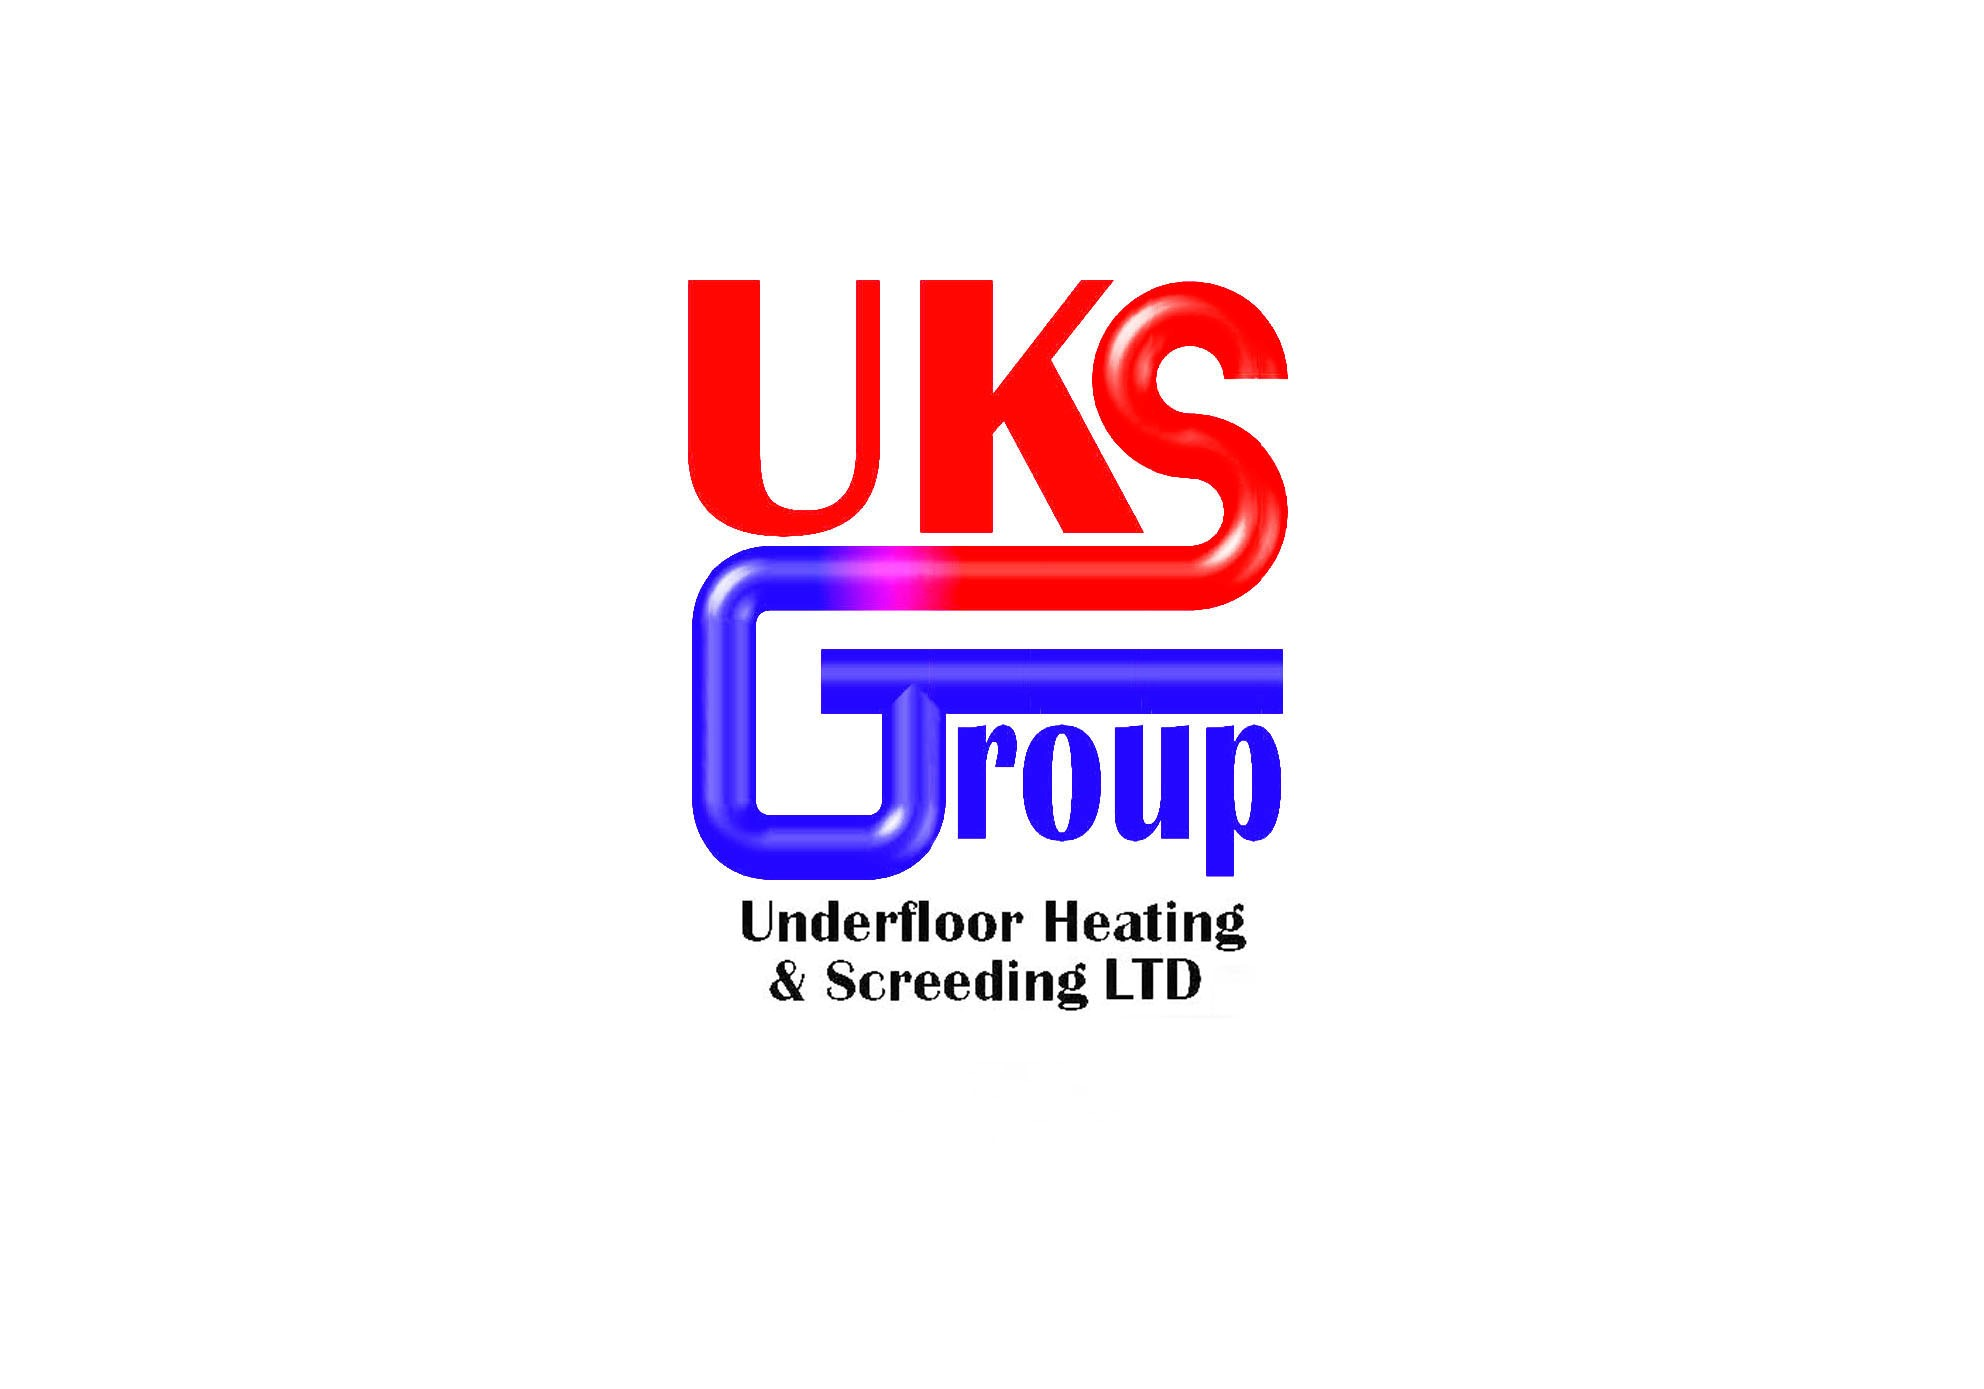 UKS Group